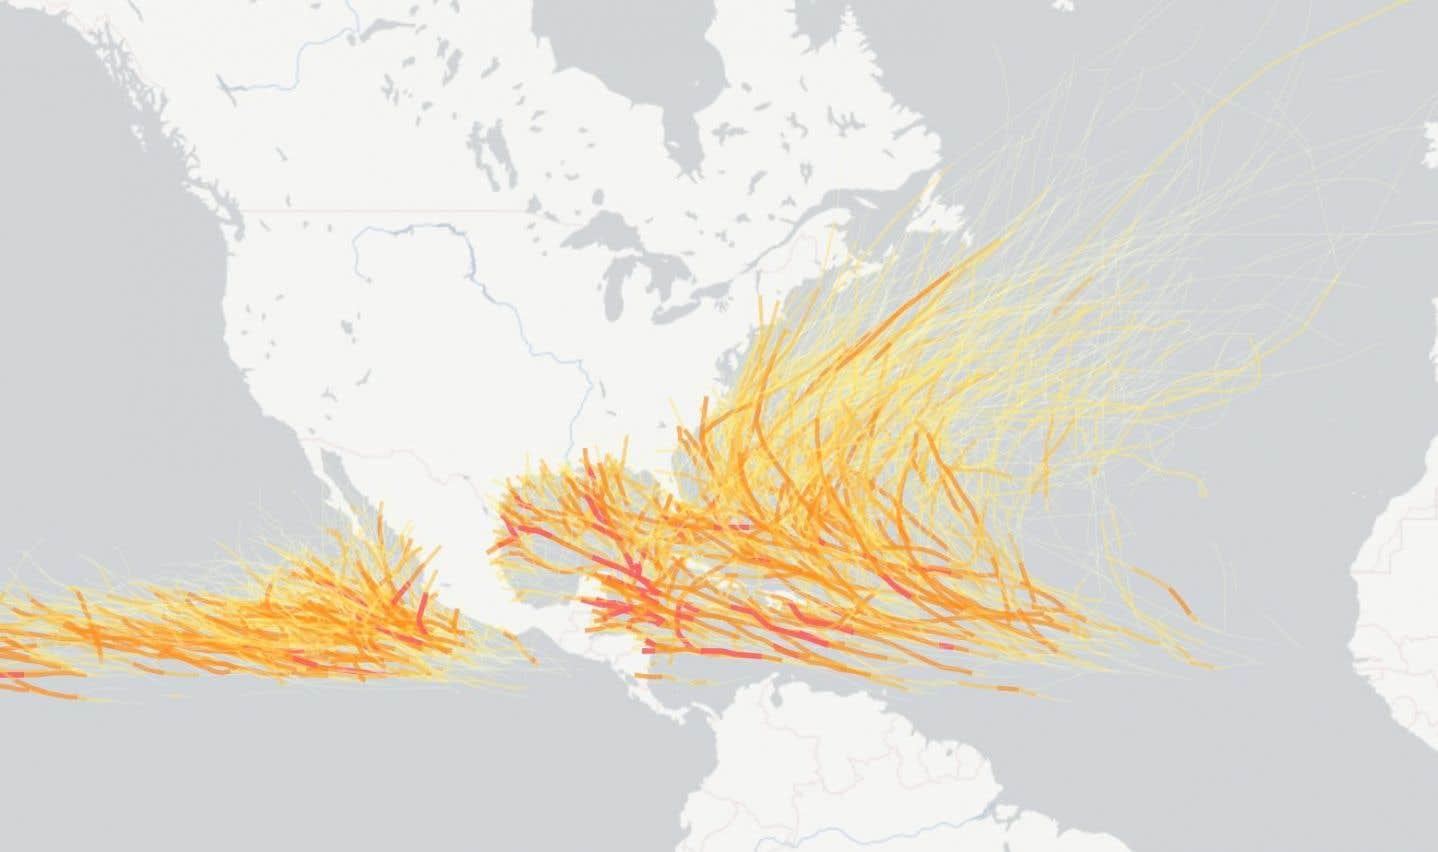 La carte de tous les ouragans depuis 100 ans